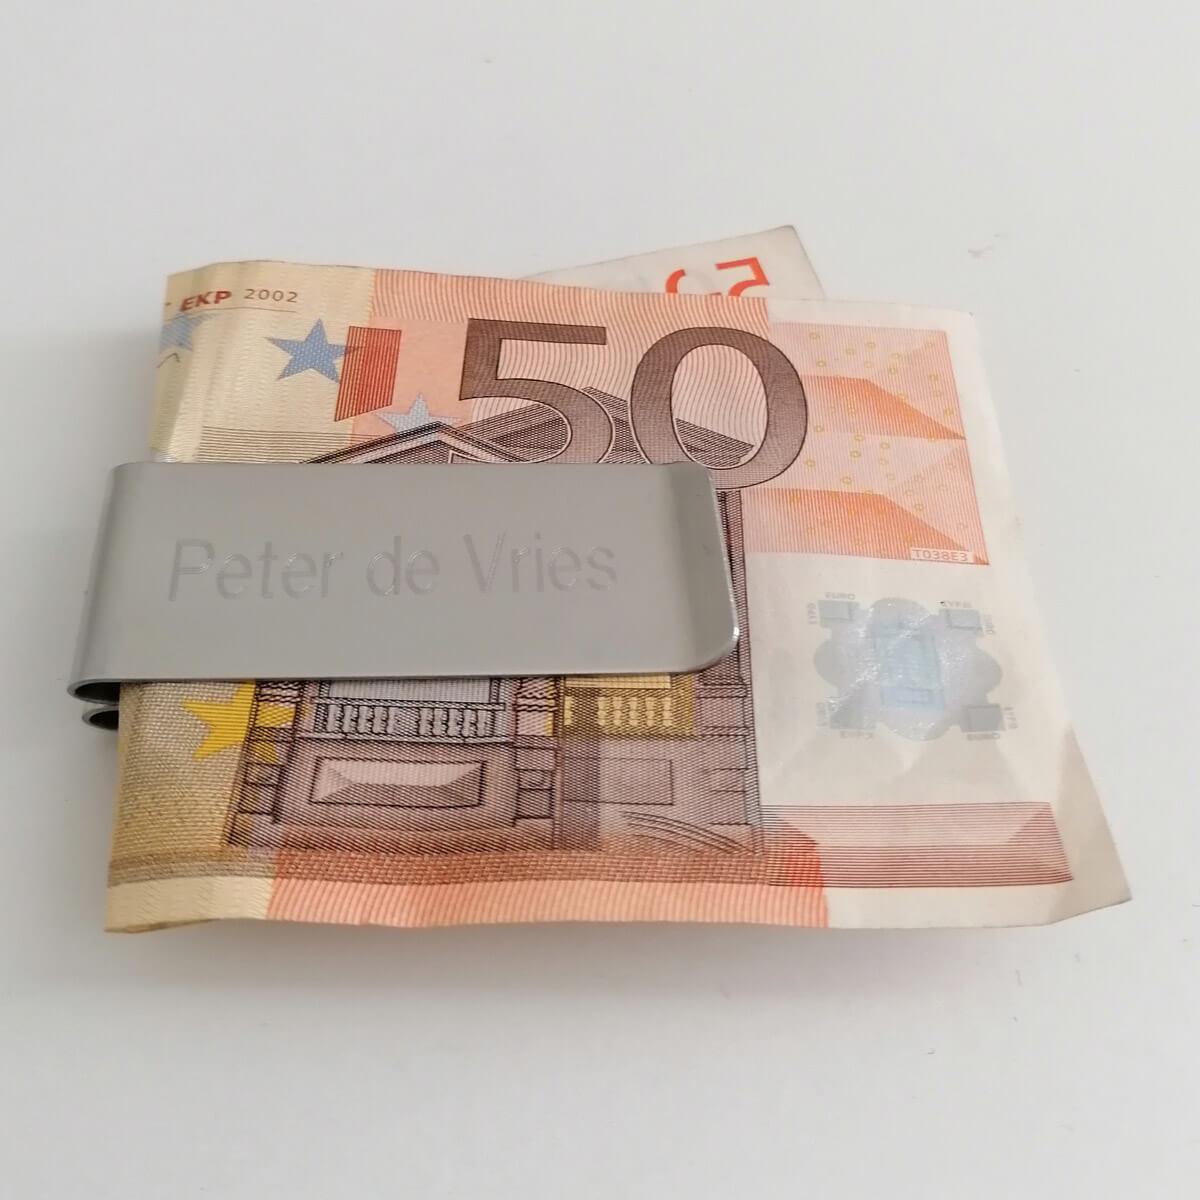 Nu kan je een handige geld clip aanschaffen om jouw briefgeld bij elkaar te houden.